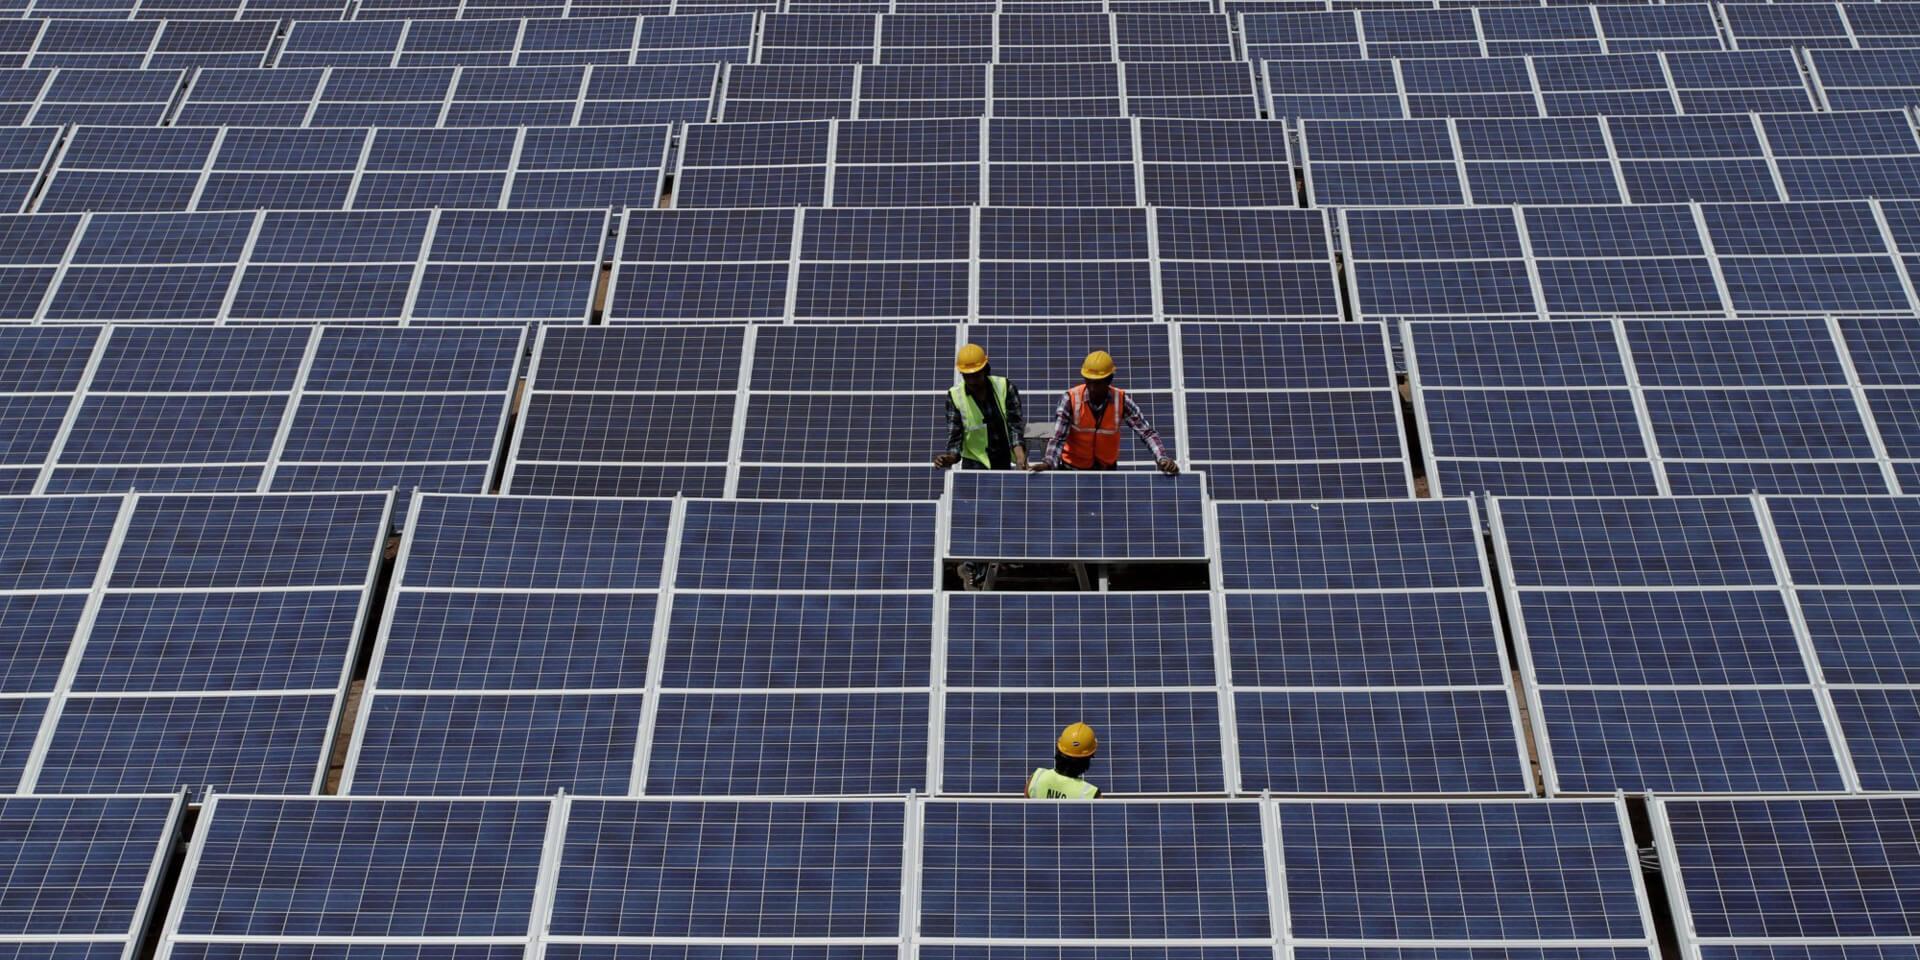 Napelem értékesítés a legjobb napelem kivitelező cég